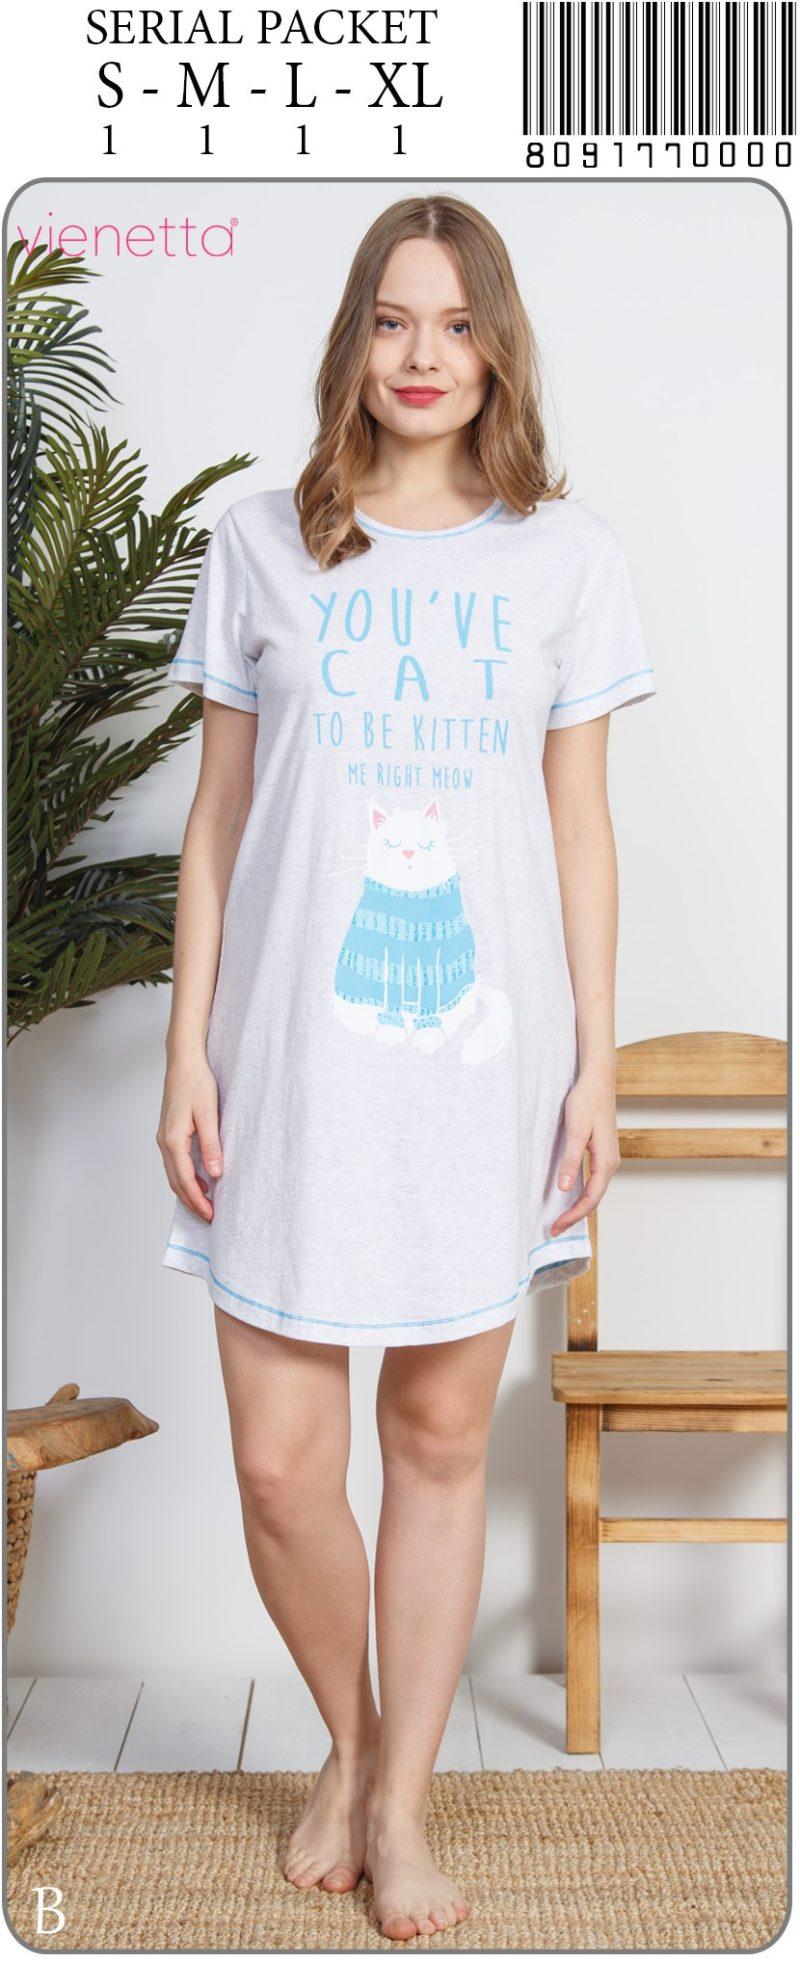 Ночная рубашка 8091770000